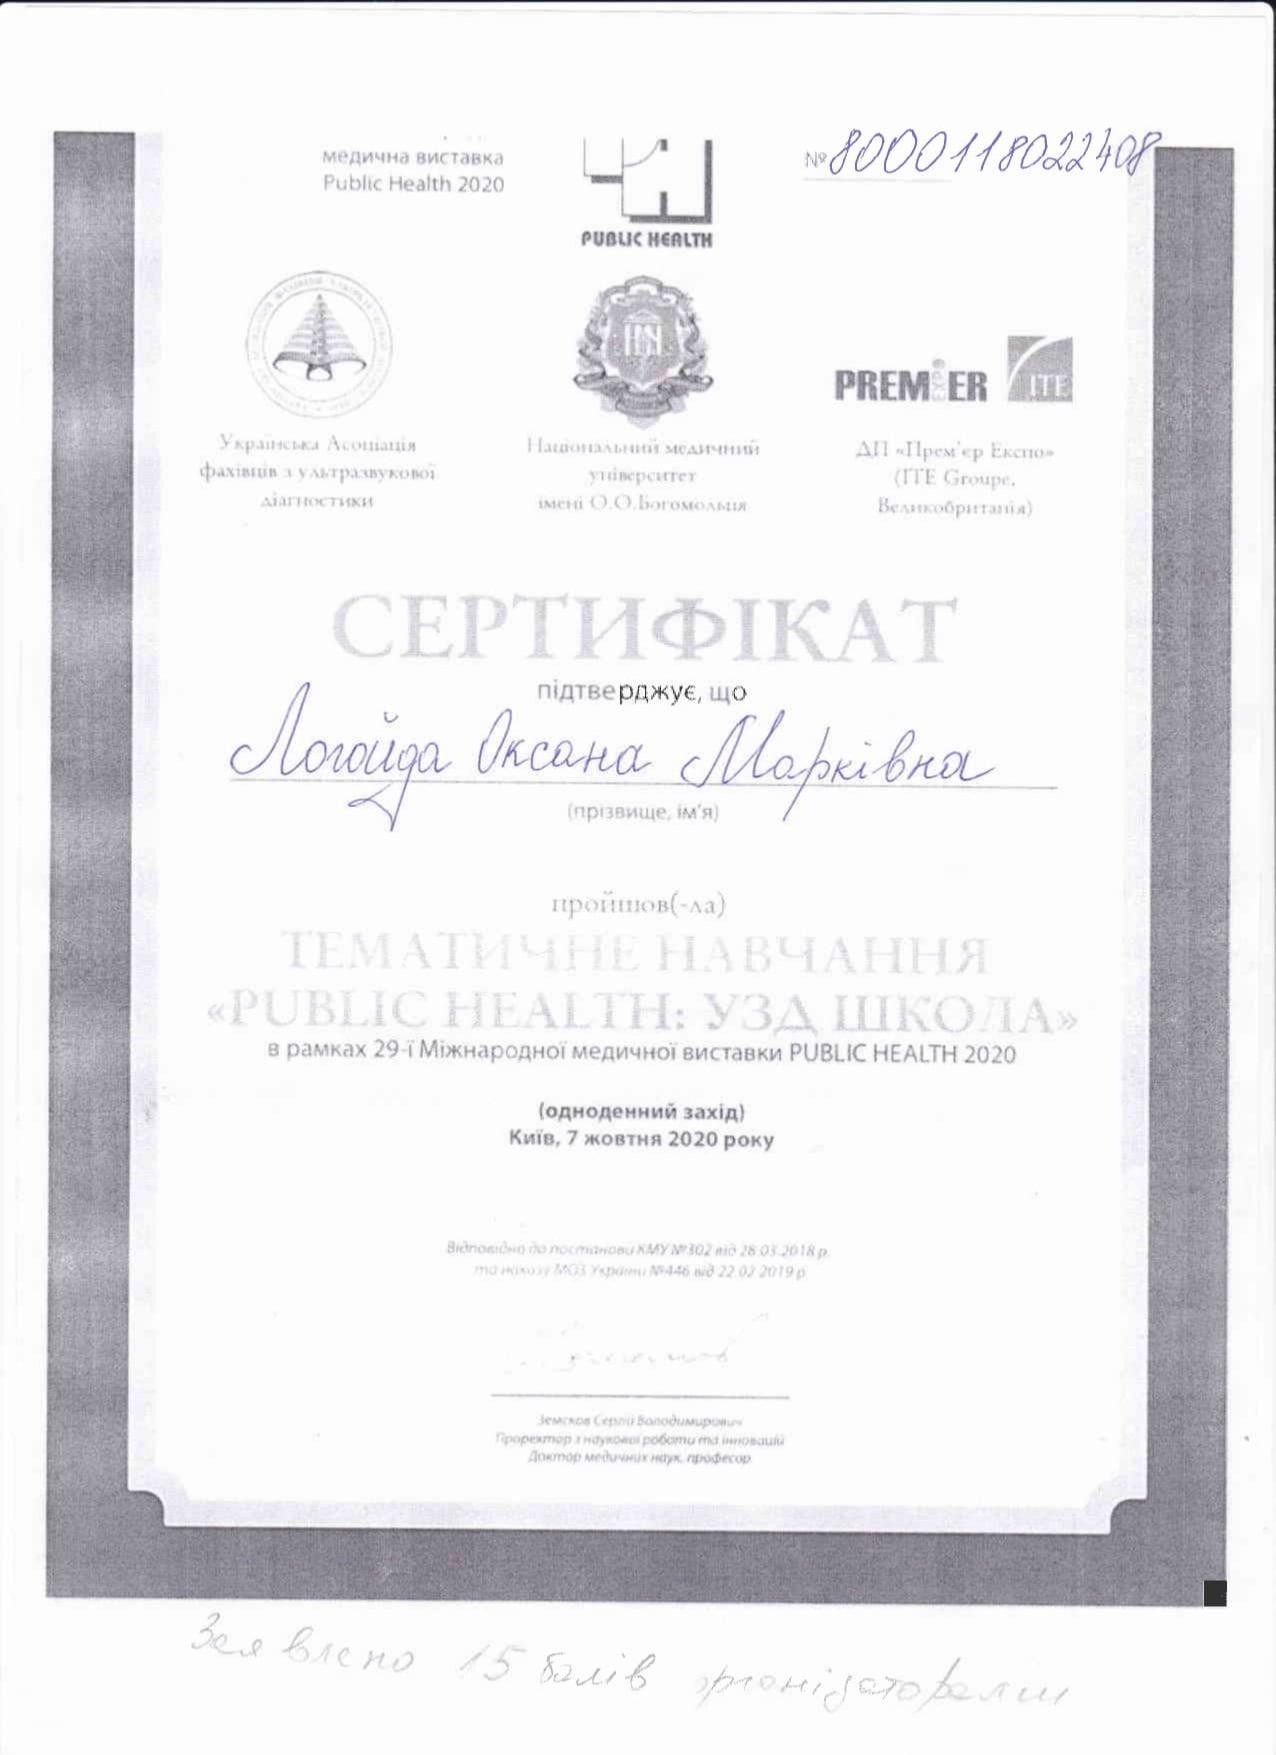 Сертификат о прохождении тематического обучения